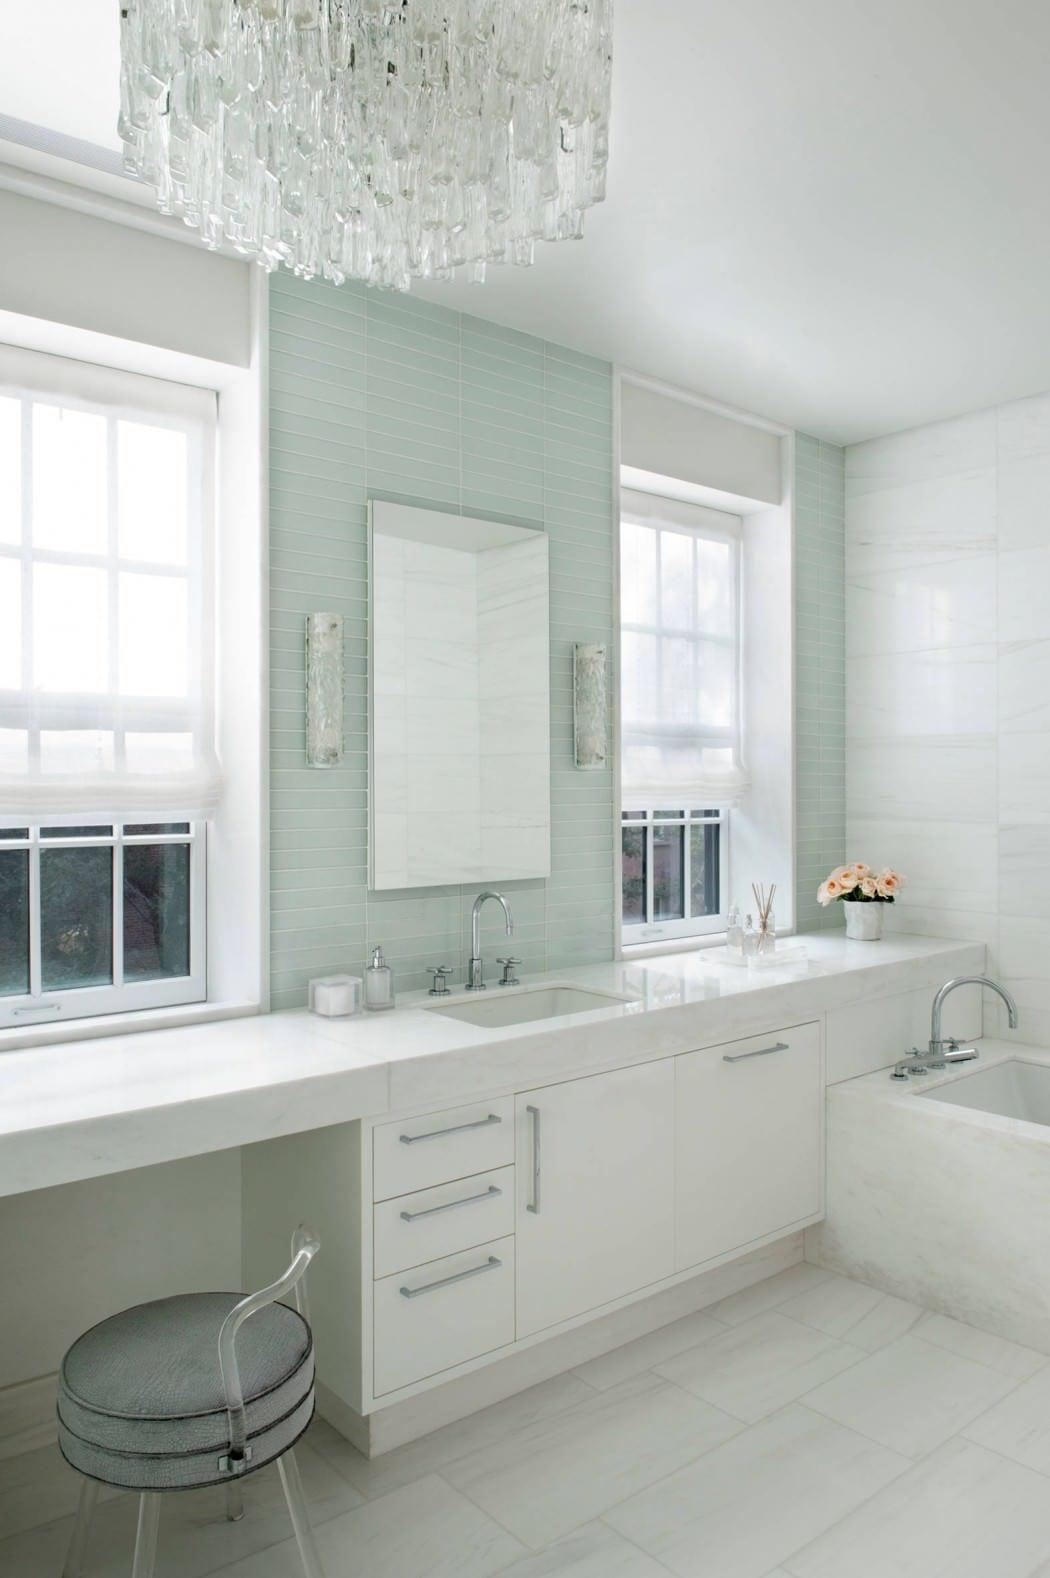 badezimmer ideen mit grünen wandfliesen und kronenleuchte_badezimmer weiß einrichten mit waschtischschrank weiß und badewanne